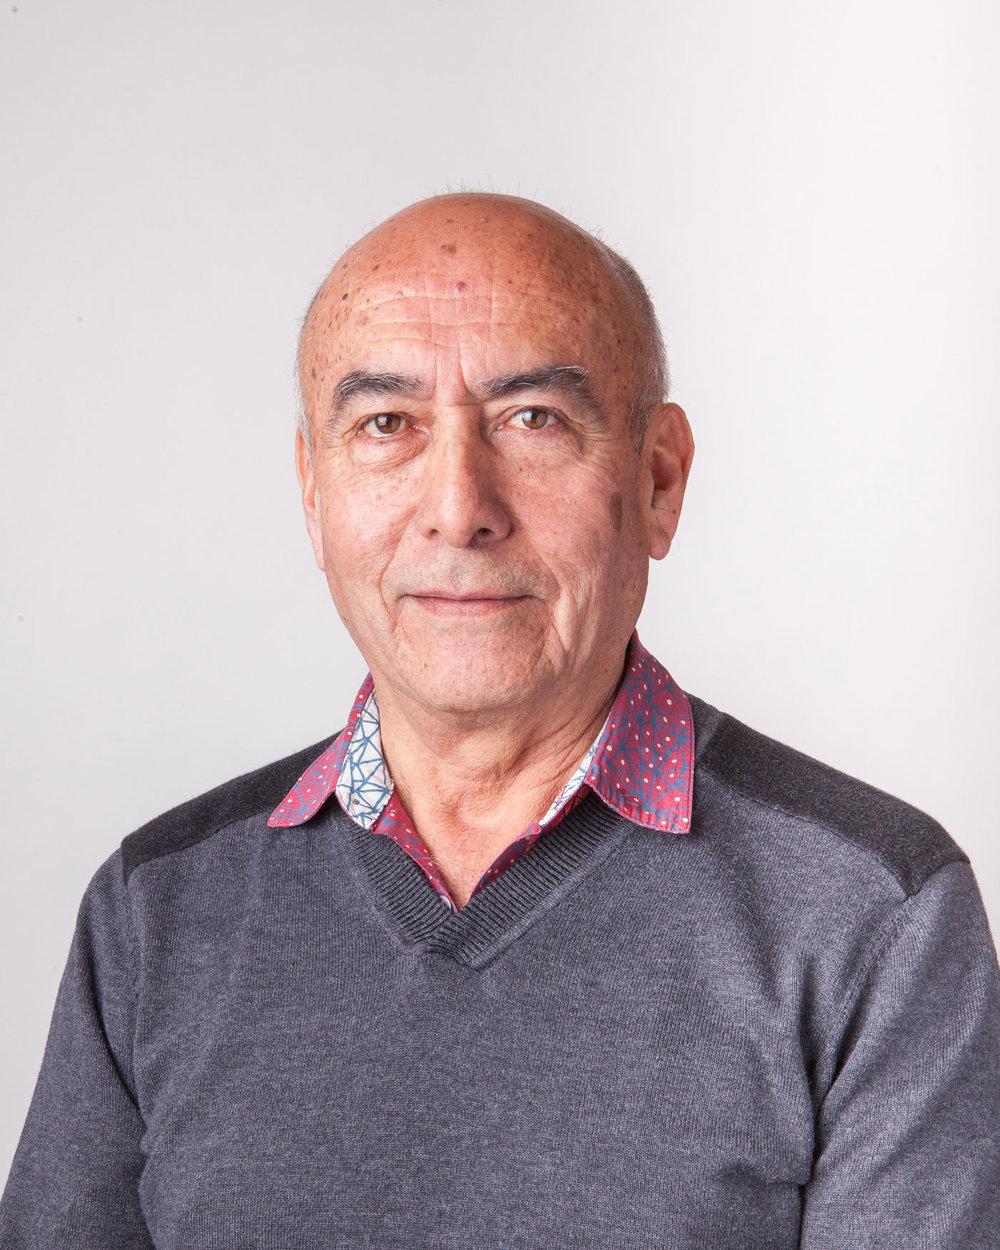 Alberto Veintimilla